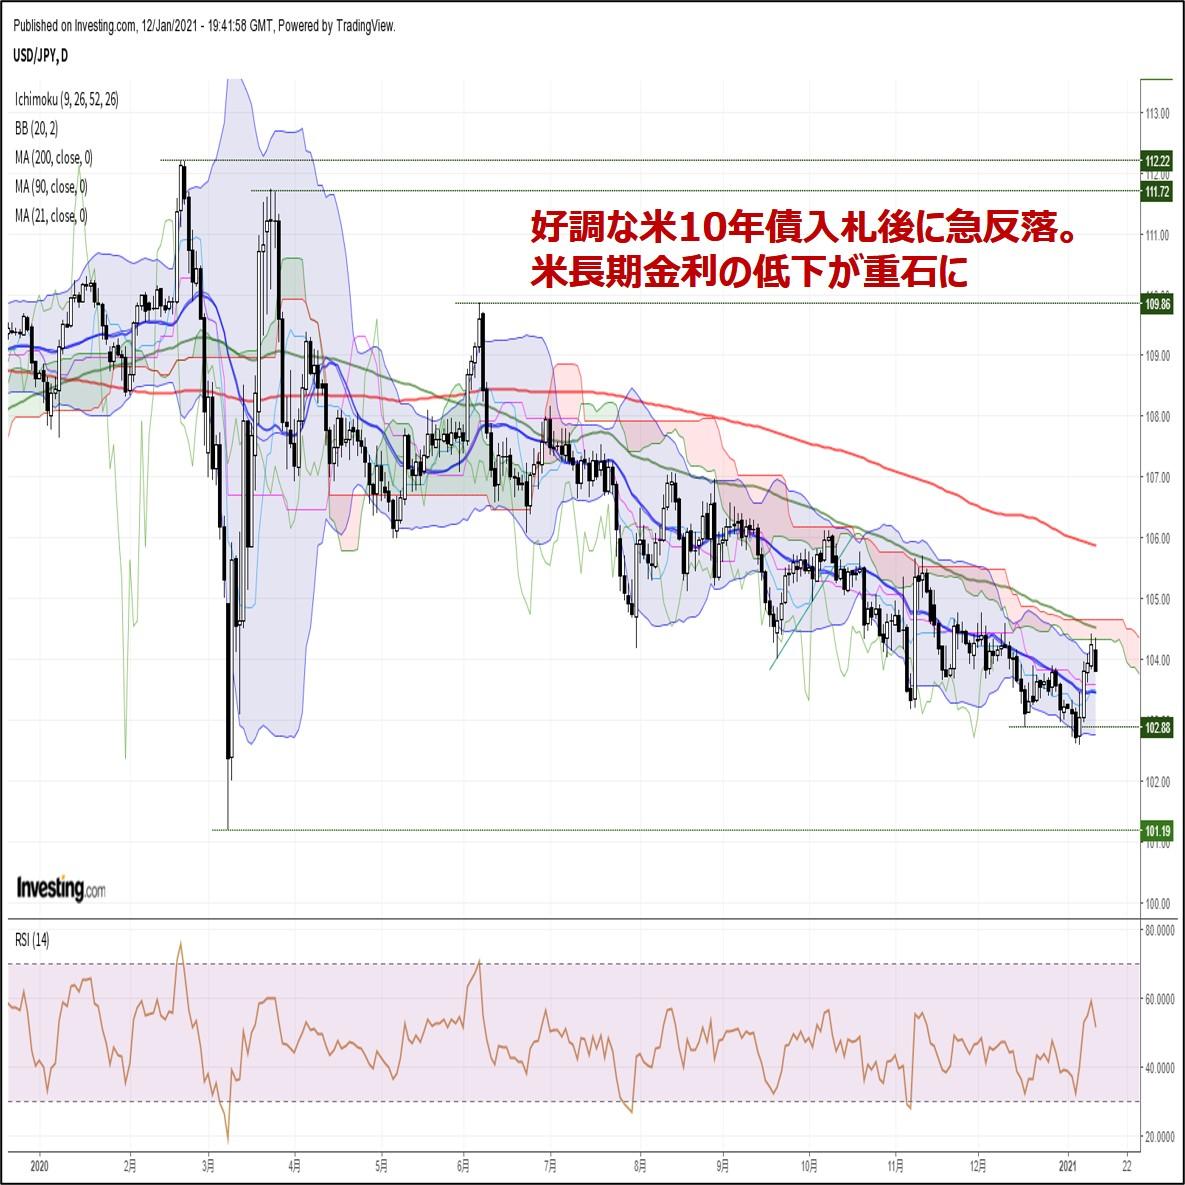 ドル円、好調な米10年債入札後に急反落。米長期金利の低下が重石に(1/13朝)